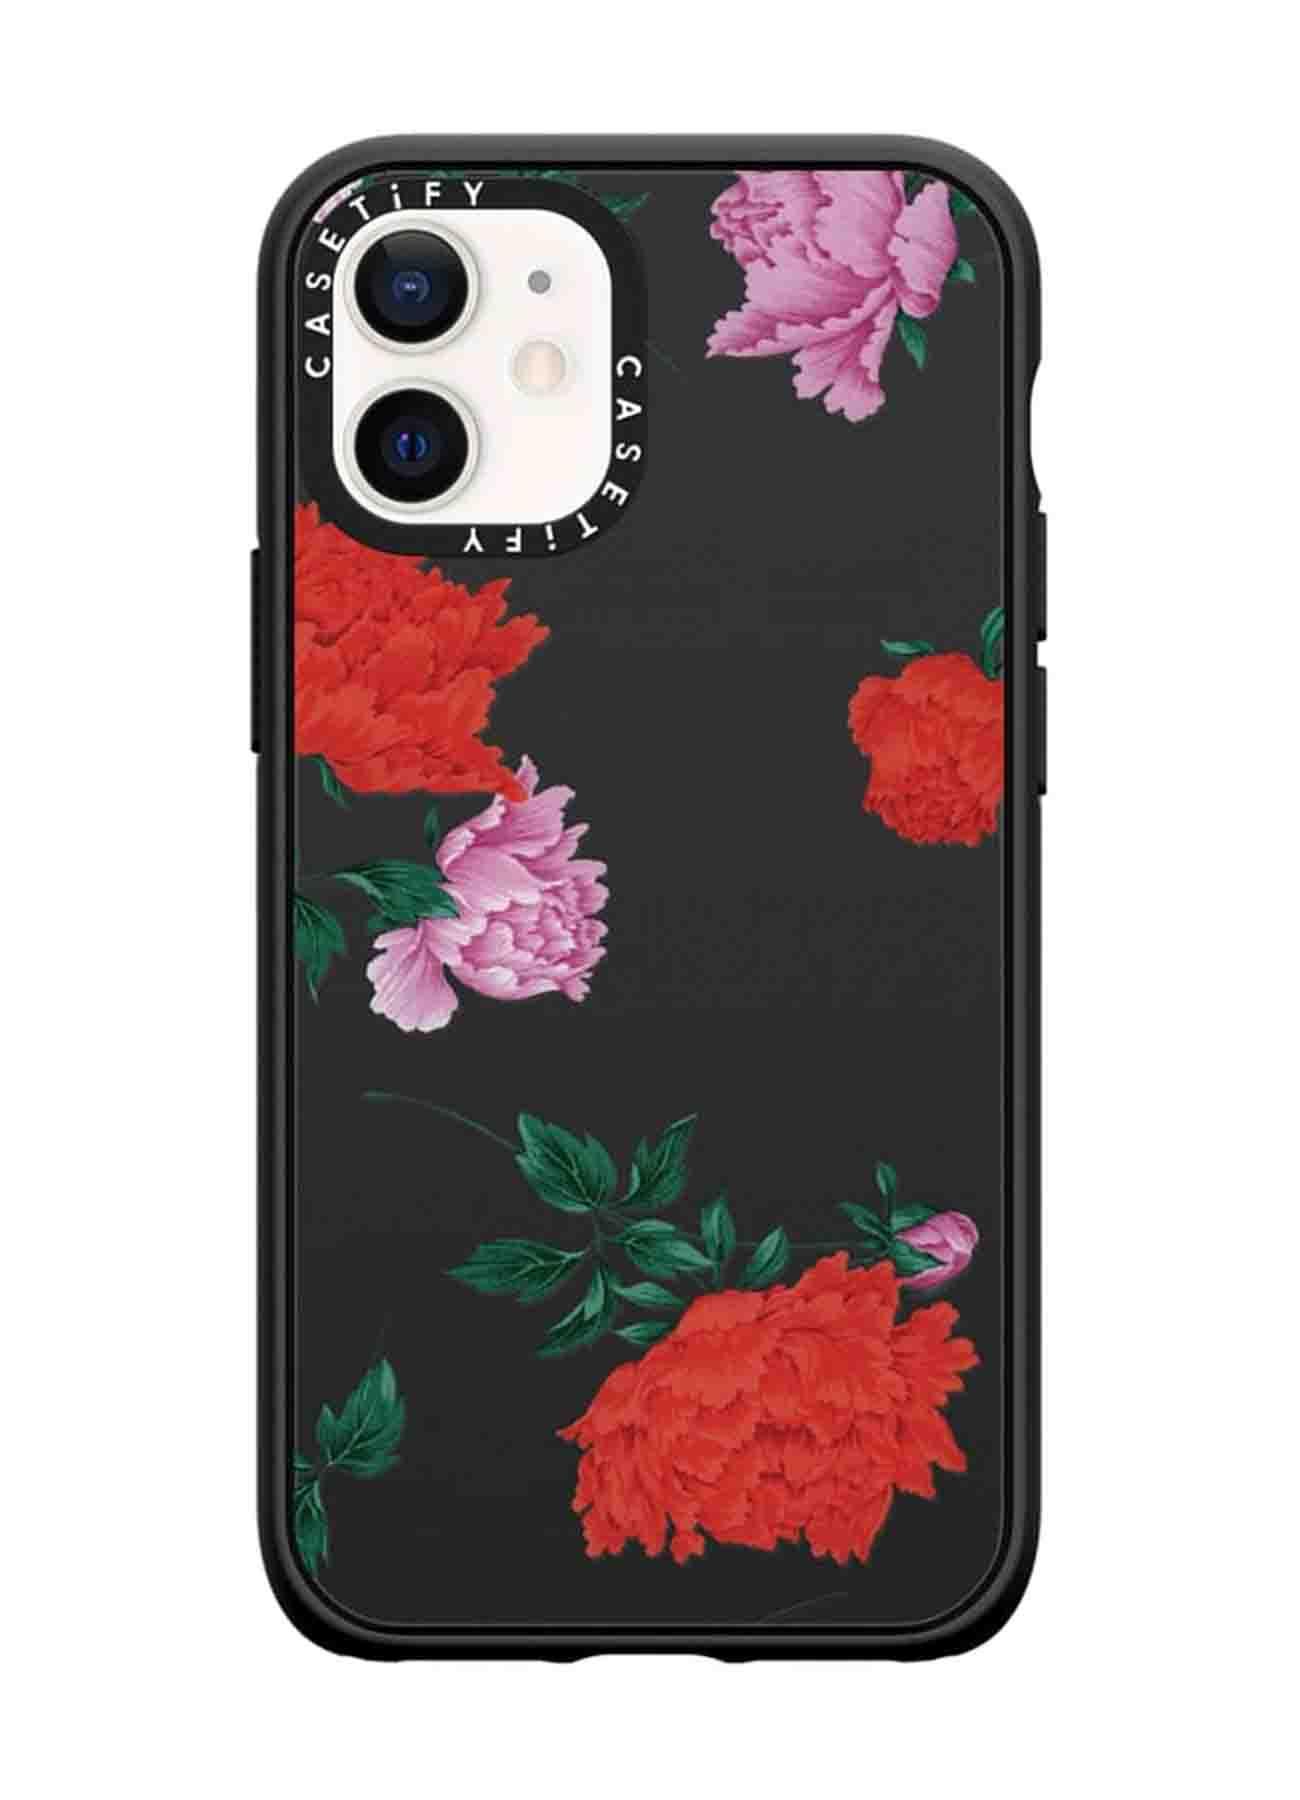 Yohji Yamamoto × CASETiFY Flower Pattern iPhone Impact Case